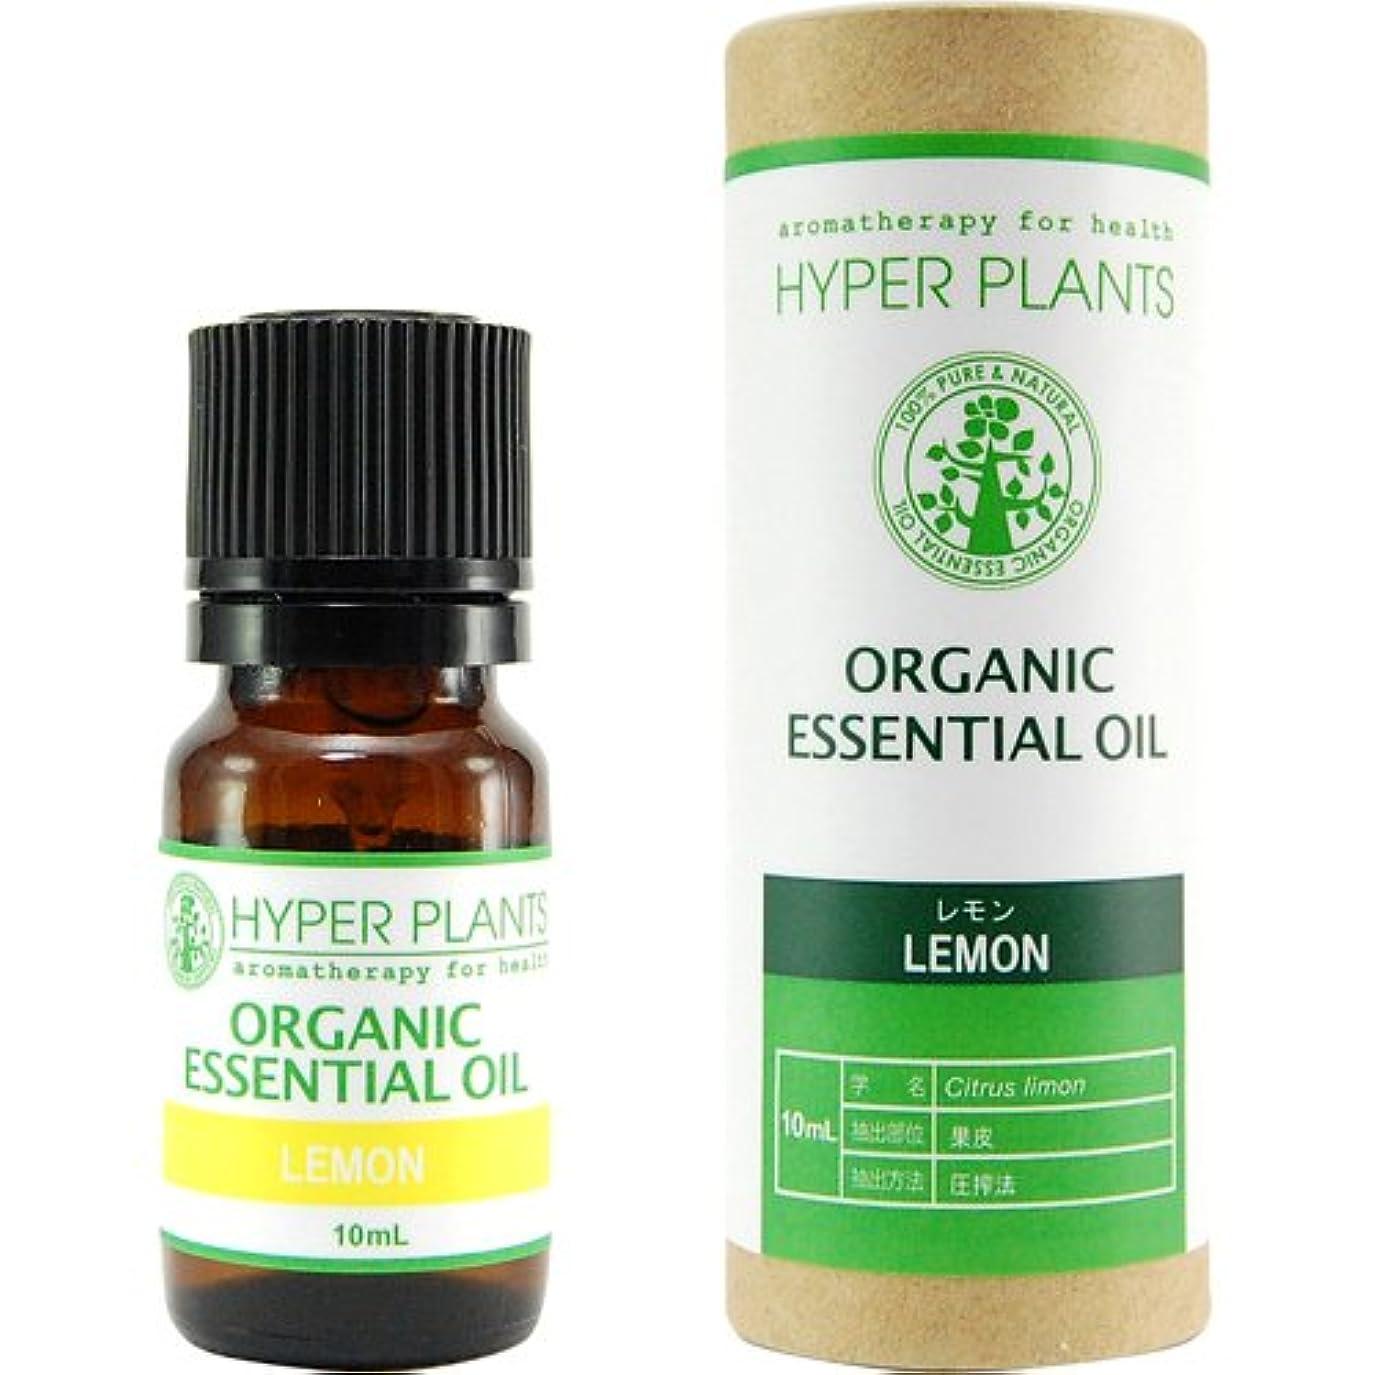 事件、出来事縫い目物質HYPER PLANTS ハイパープランツ オーガニックエッセンシャルオイル レモン 10ml HE0218